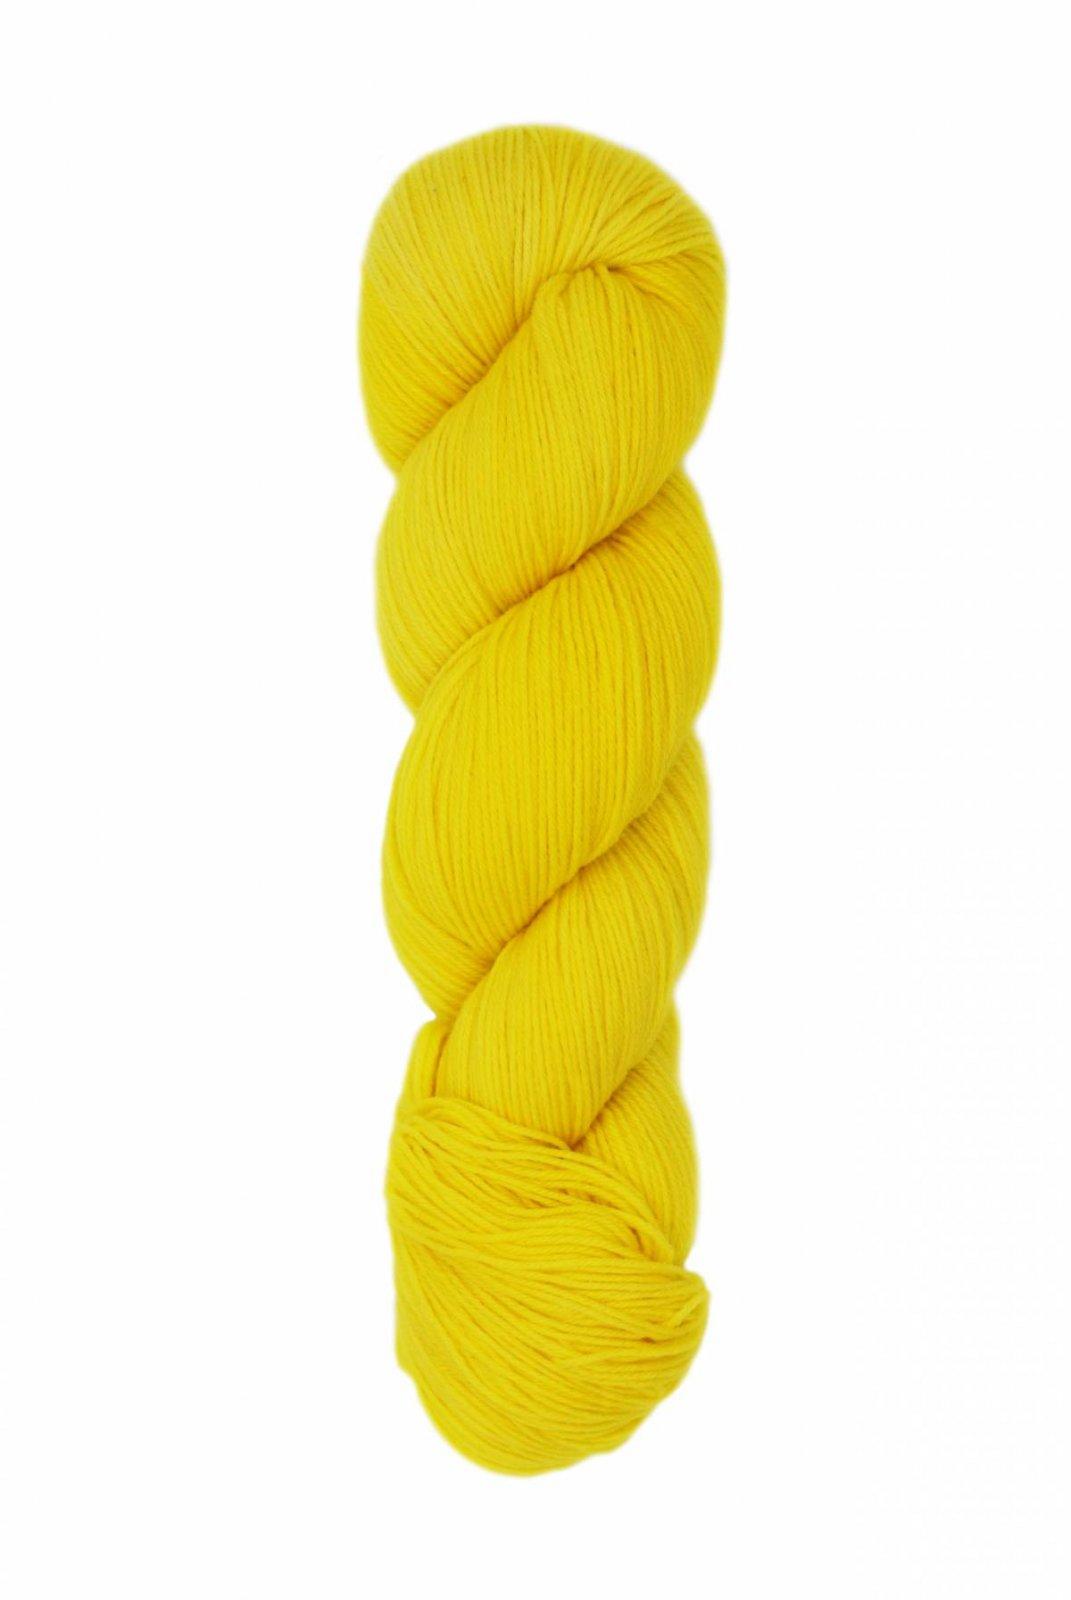 KFI Collection:  Indulgence Kettle Dyed:  1008 Sunshine